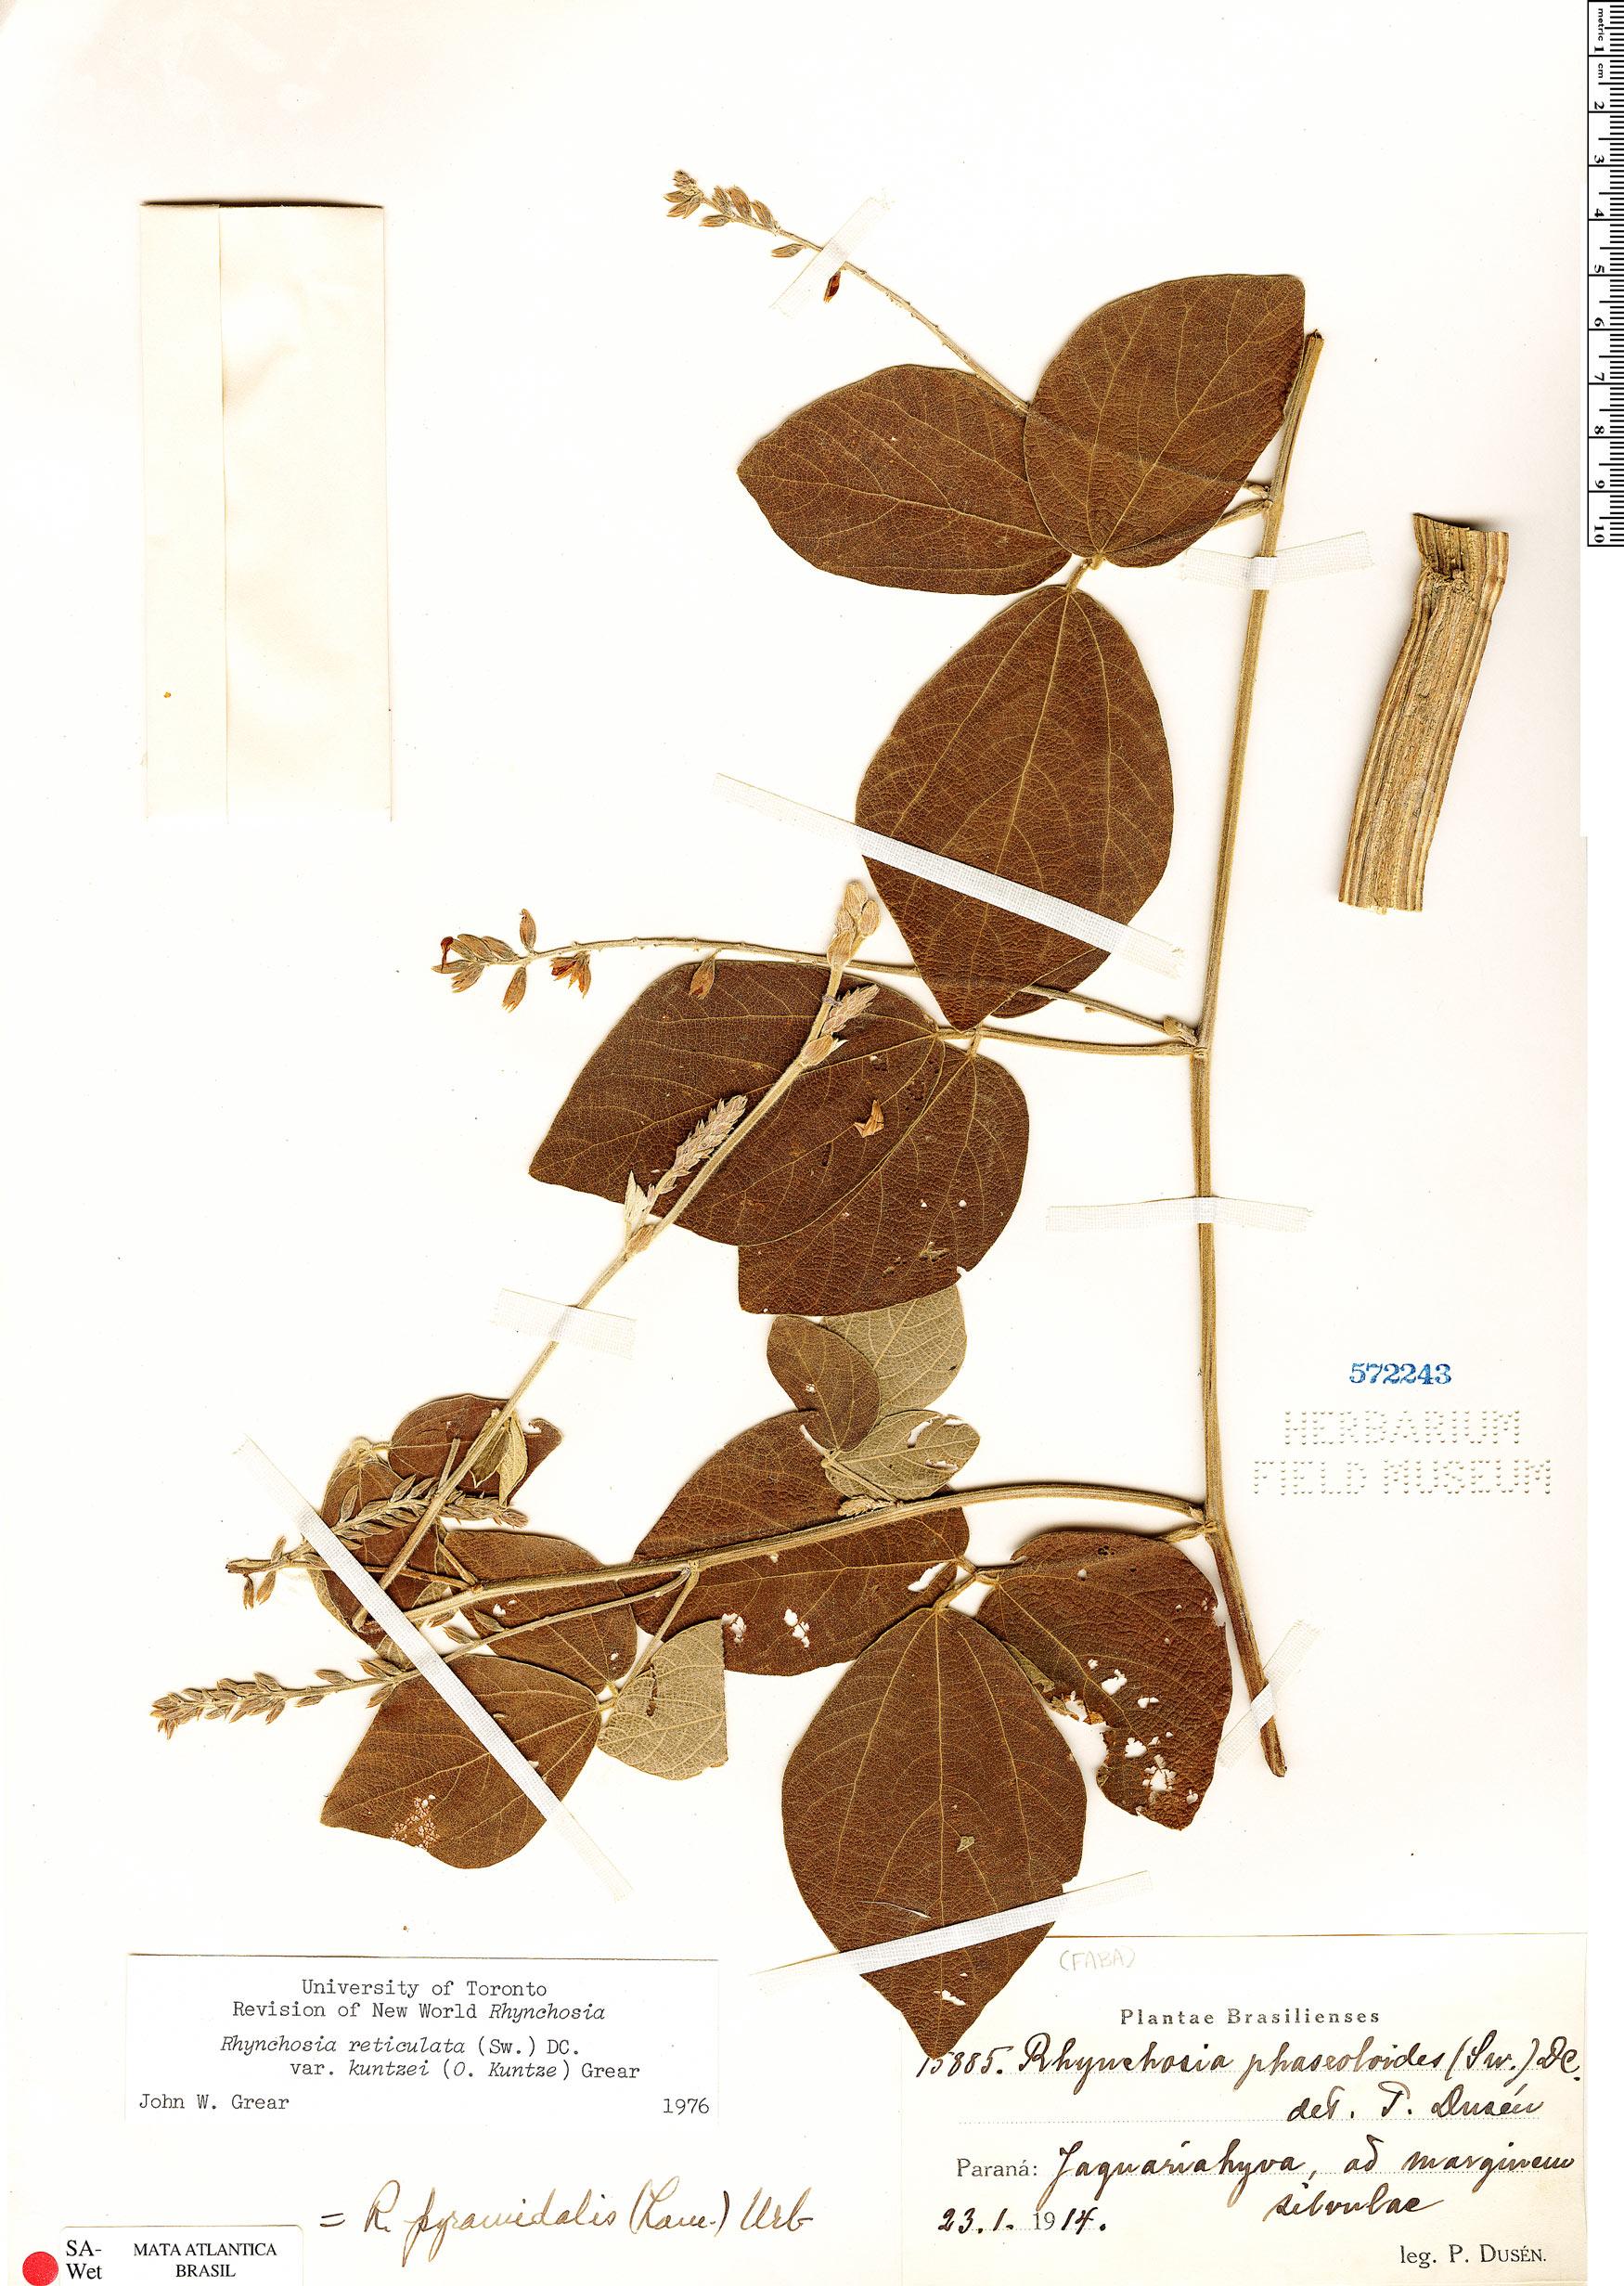 Espécimen: Rhynchosia reticulata